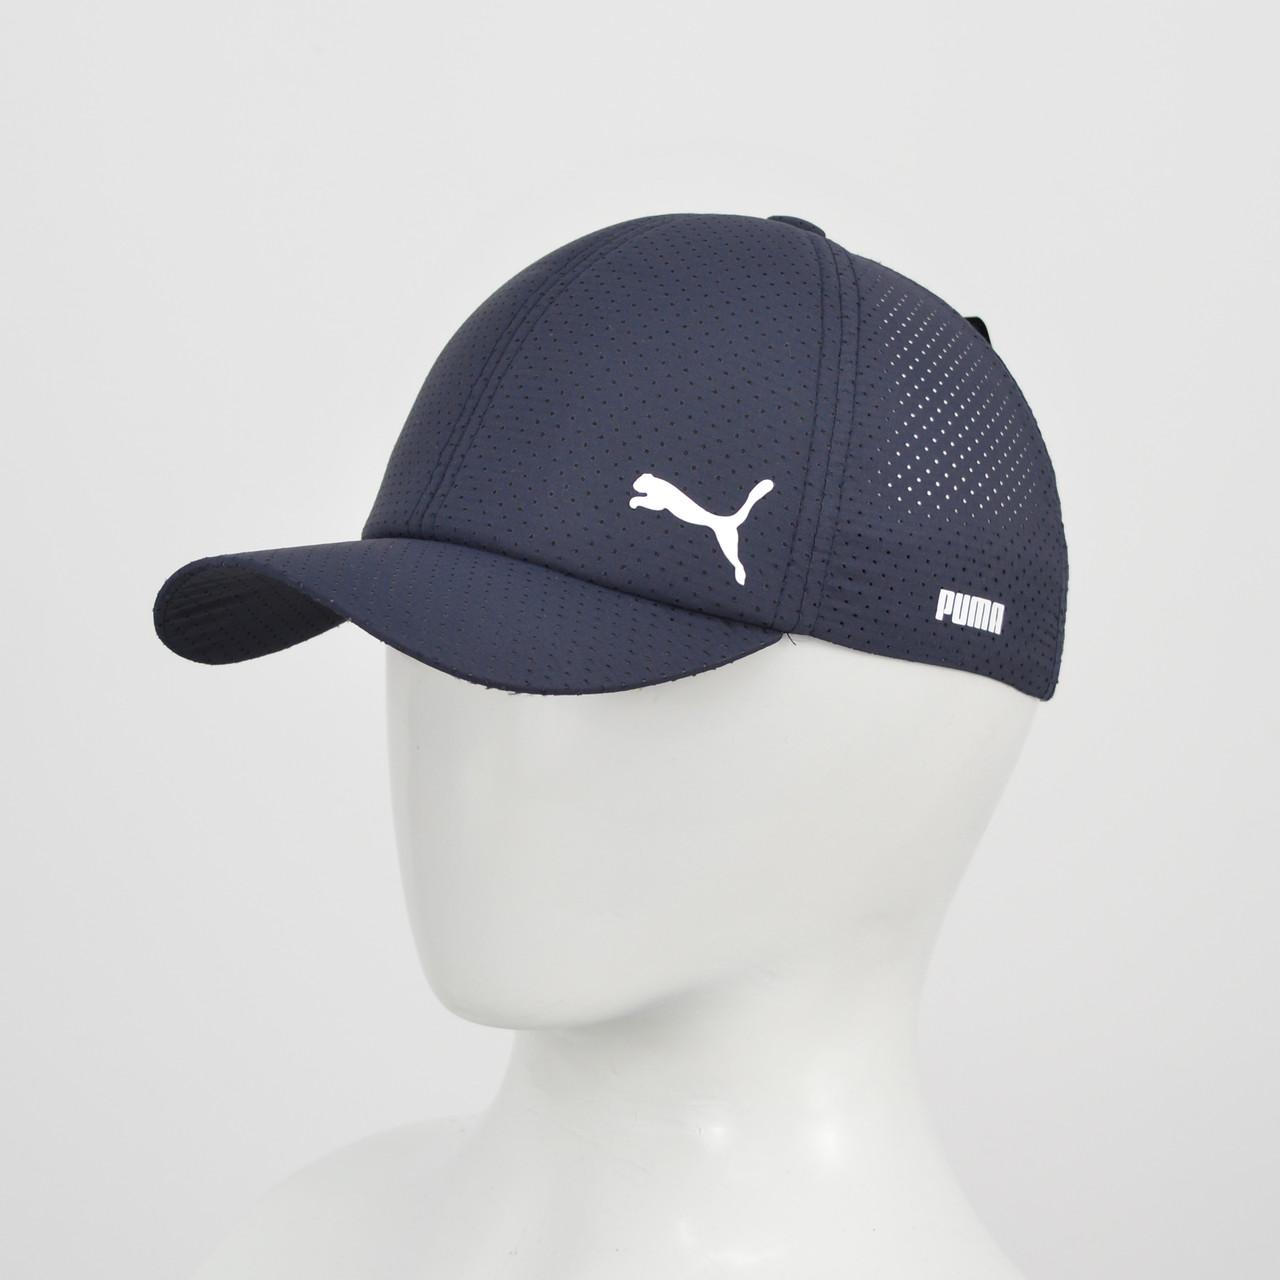 Бейсболка плащевка Puma (реплика) синий